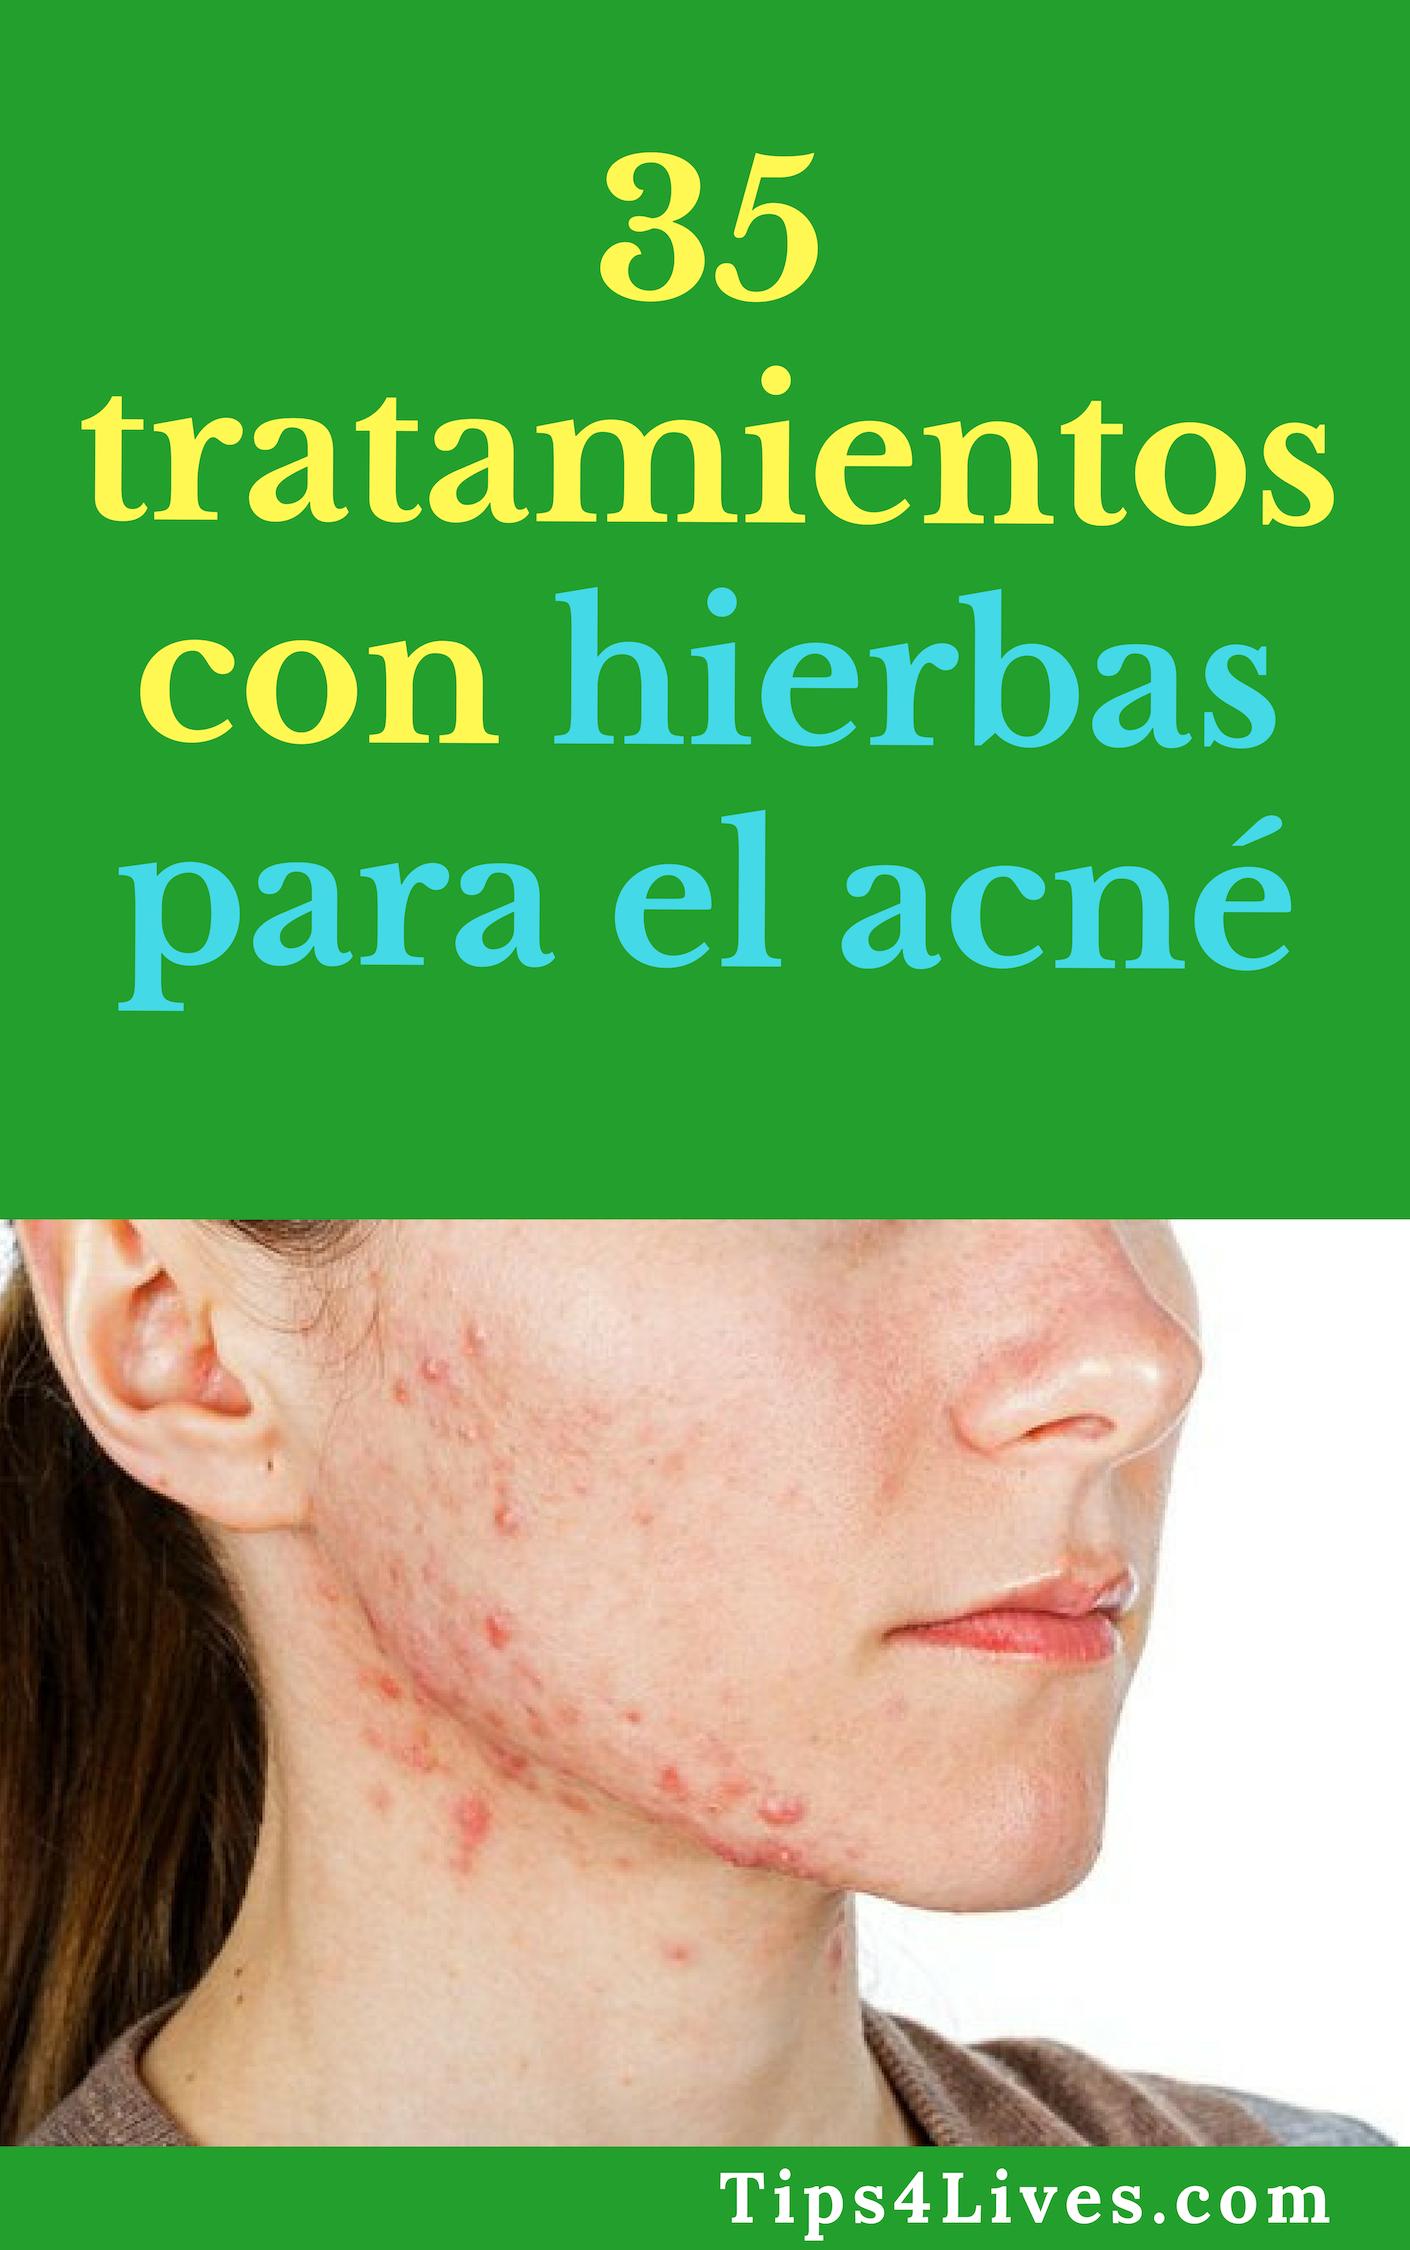 35 Tratamientos Con Hierbas Para El Acné Tips Life Vida Salud Remedios Tips4lives Diy Bienestar Acne Espinillas Tratamientos